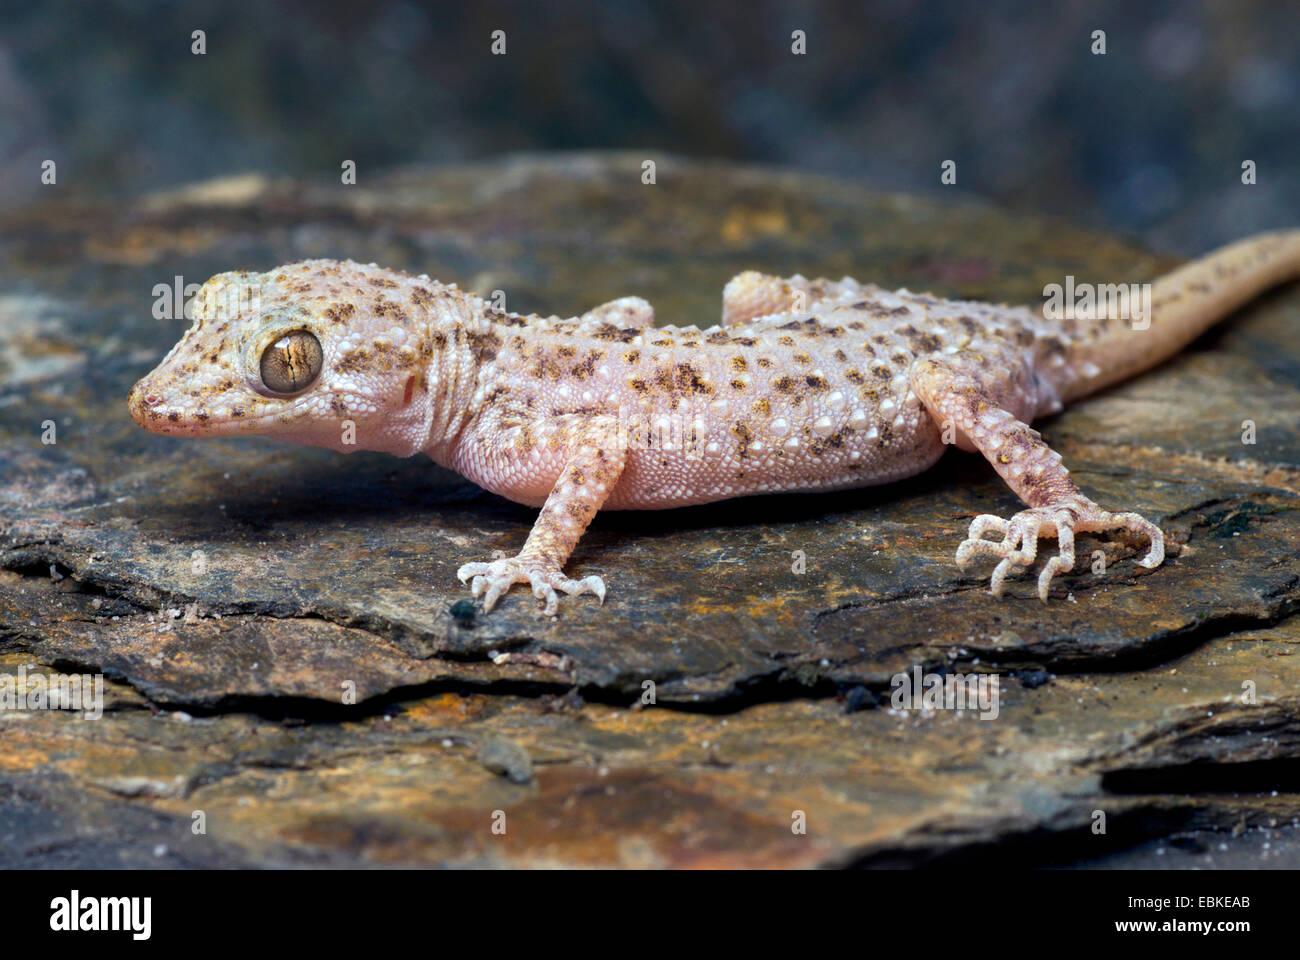 À peau rugueuse, Gecko gecko carénées, Bent-toed gecko (Cyrtopodion scaber), sur une pierre Photo Stock